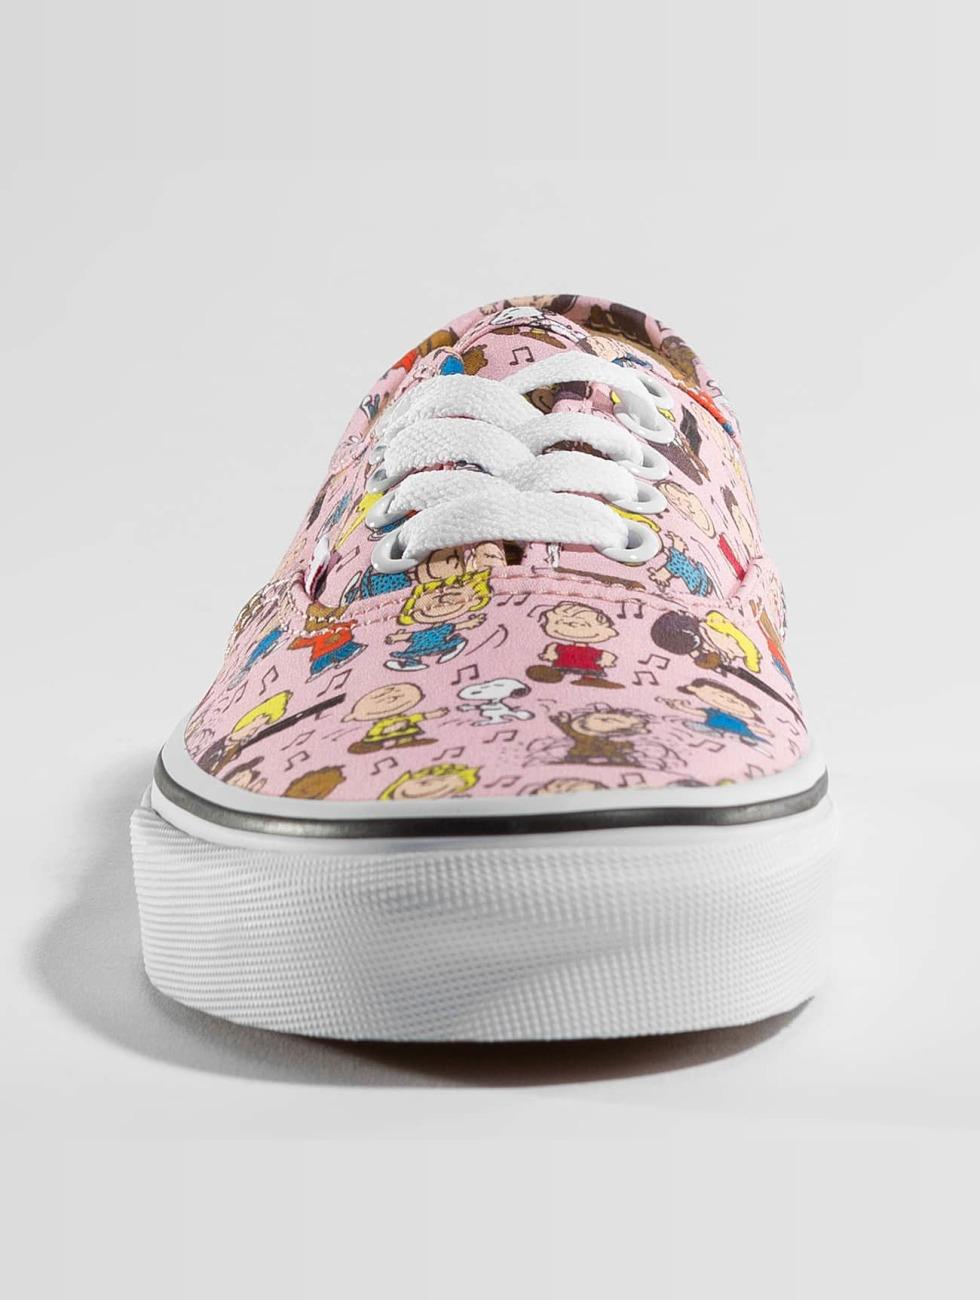 Vans Sneakers Peanuts Authentic kolorowy